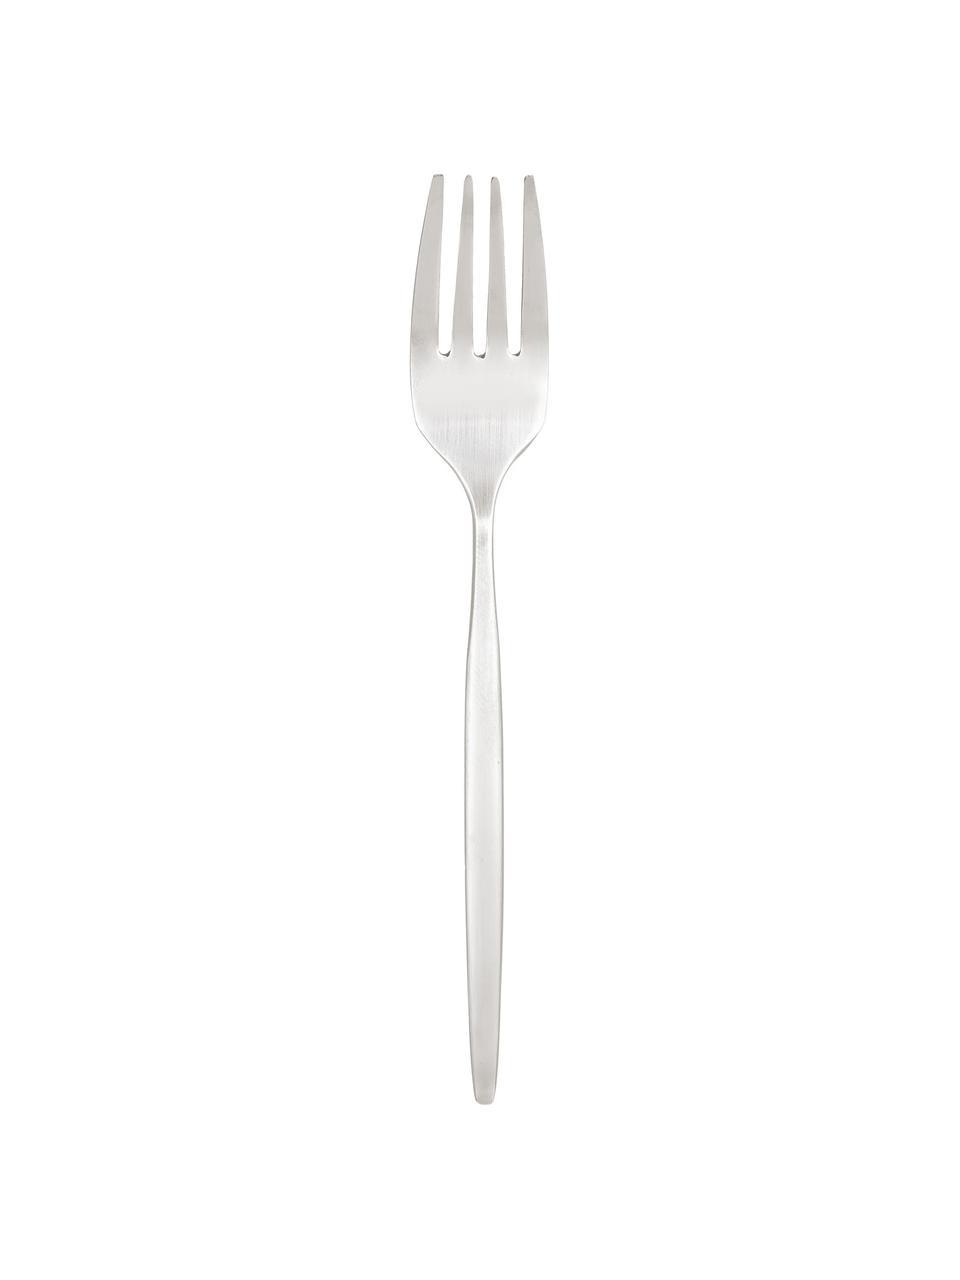 Zilverkleurige bestekset Shimmer van edelstaal, in verschillende setgroottes, Mes: Edelstaal 13/0, Zilverkleurig, 4 personen (20-delig)